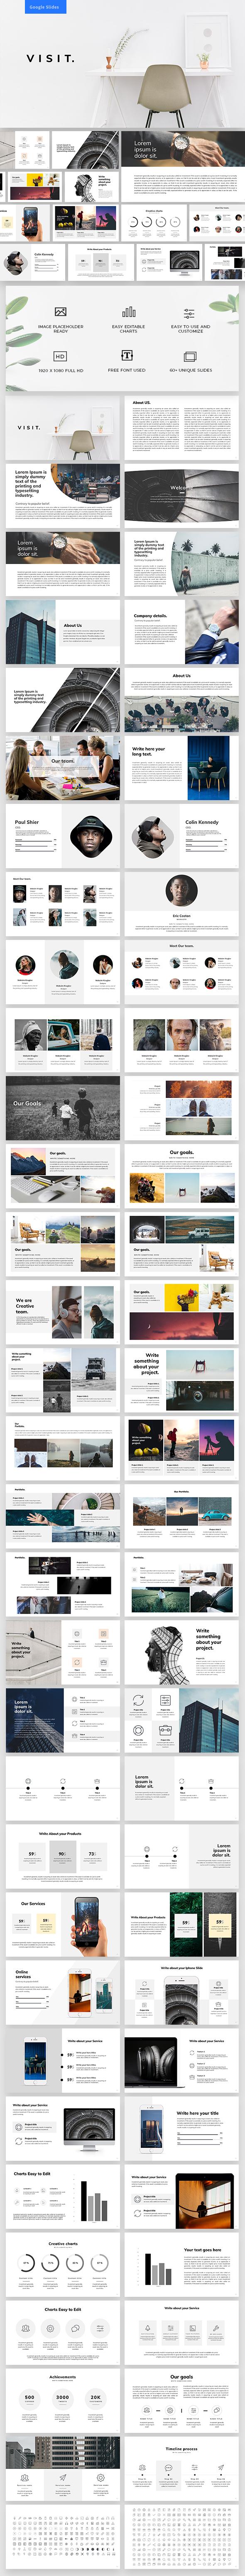 Visit Google Slides - Google Slides Presentation Templates